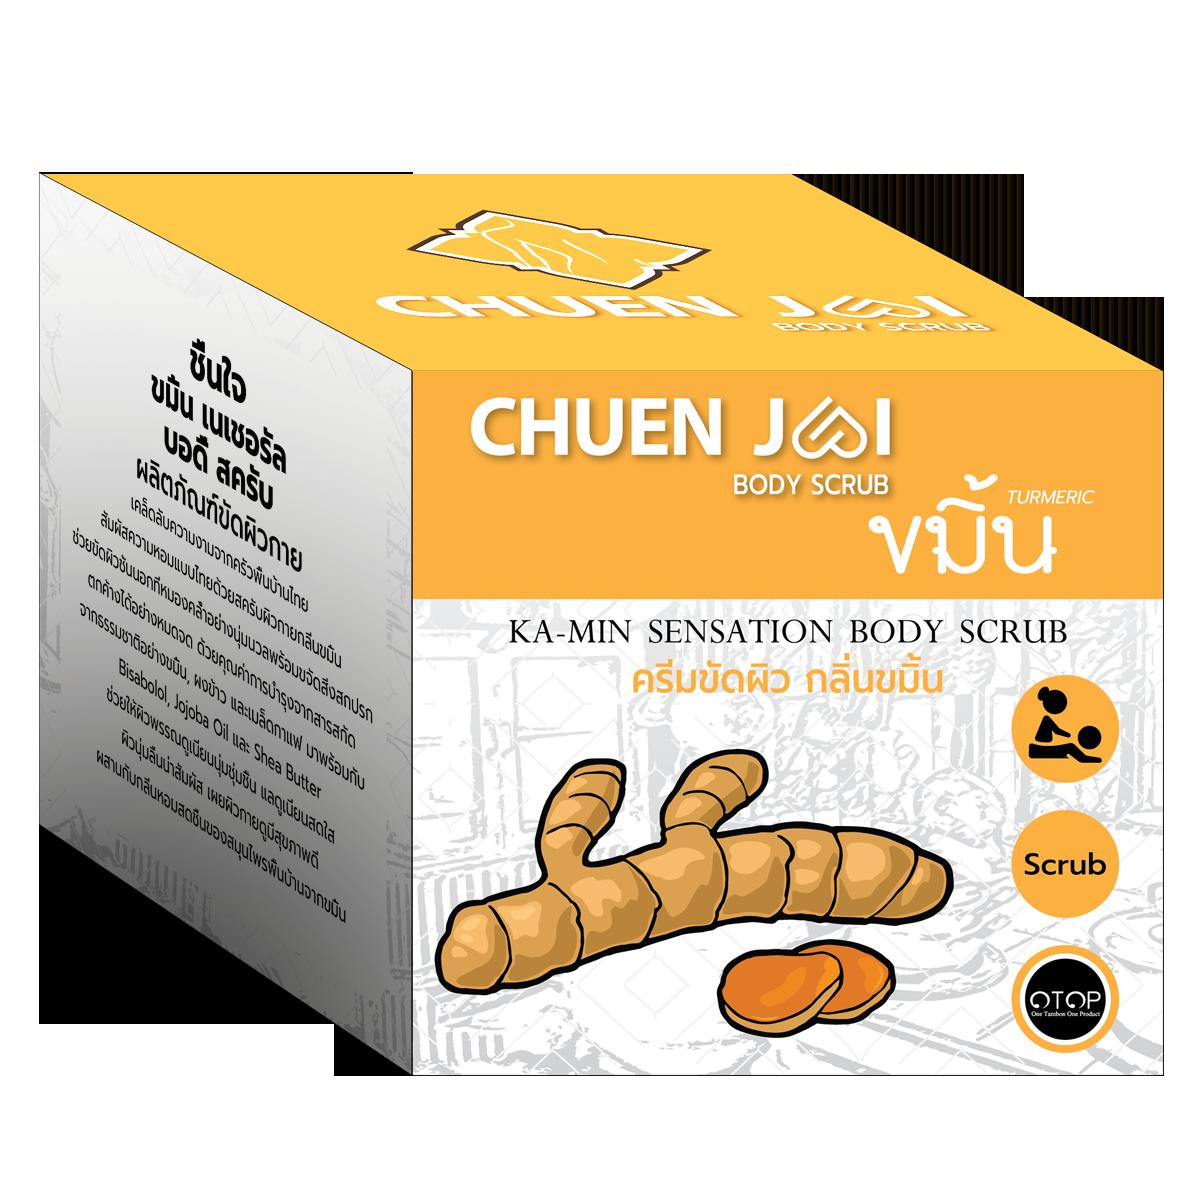 XBD 195 CHUEN JAI KAMIN NATURAL BODY SCRUB